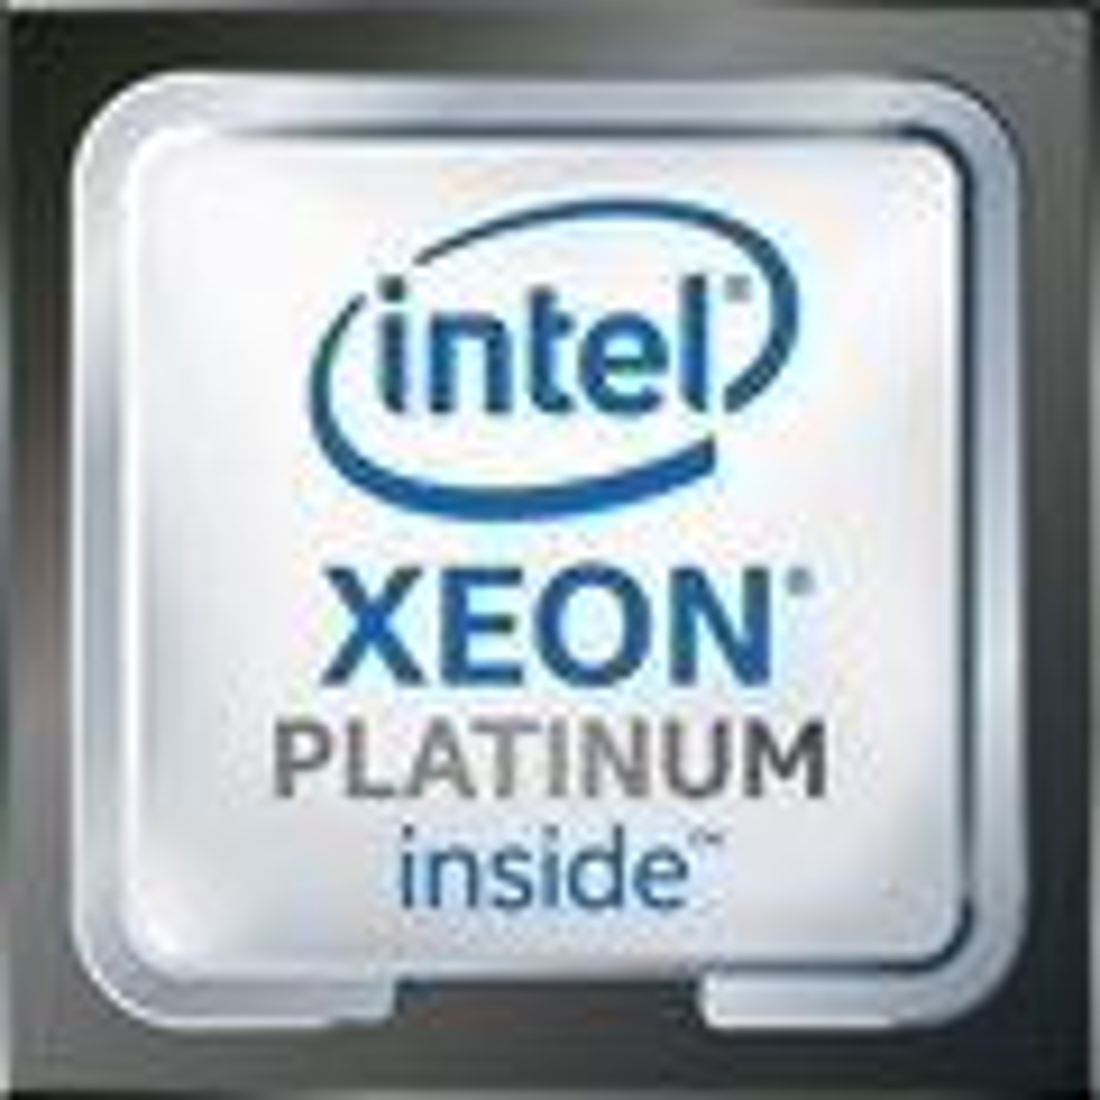 HPE Intel Xeon Platinum 8276L Octacosa-core (28 Core) 2.20 GHz Processor Upgrade